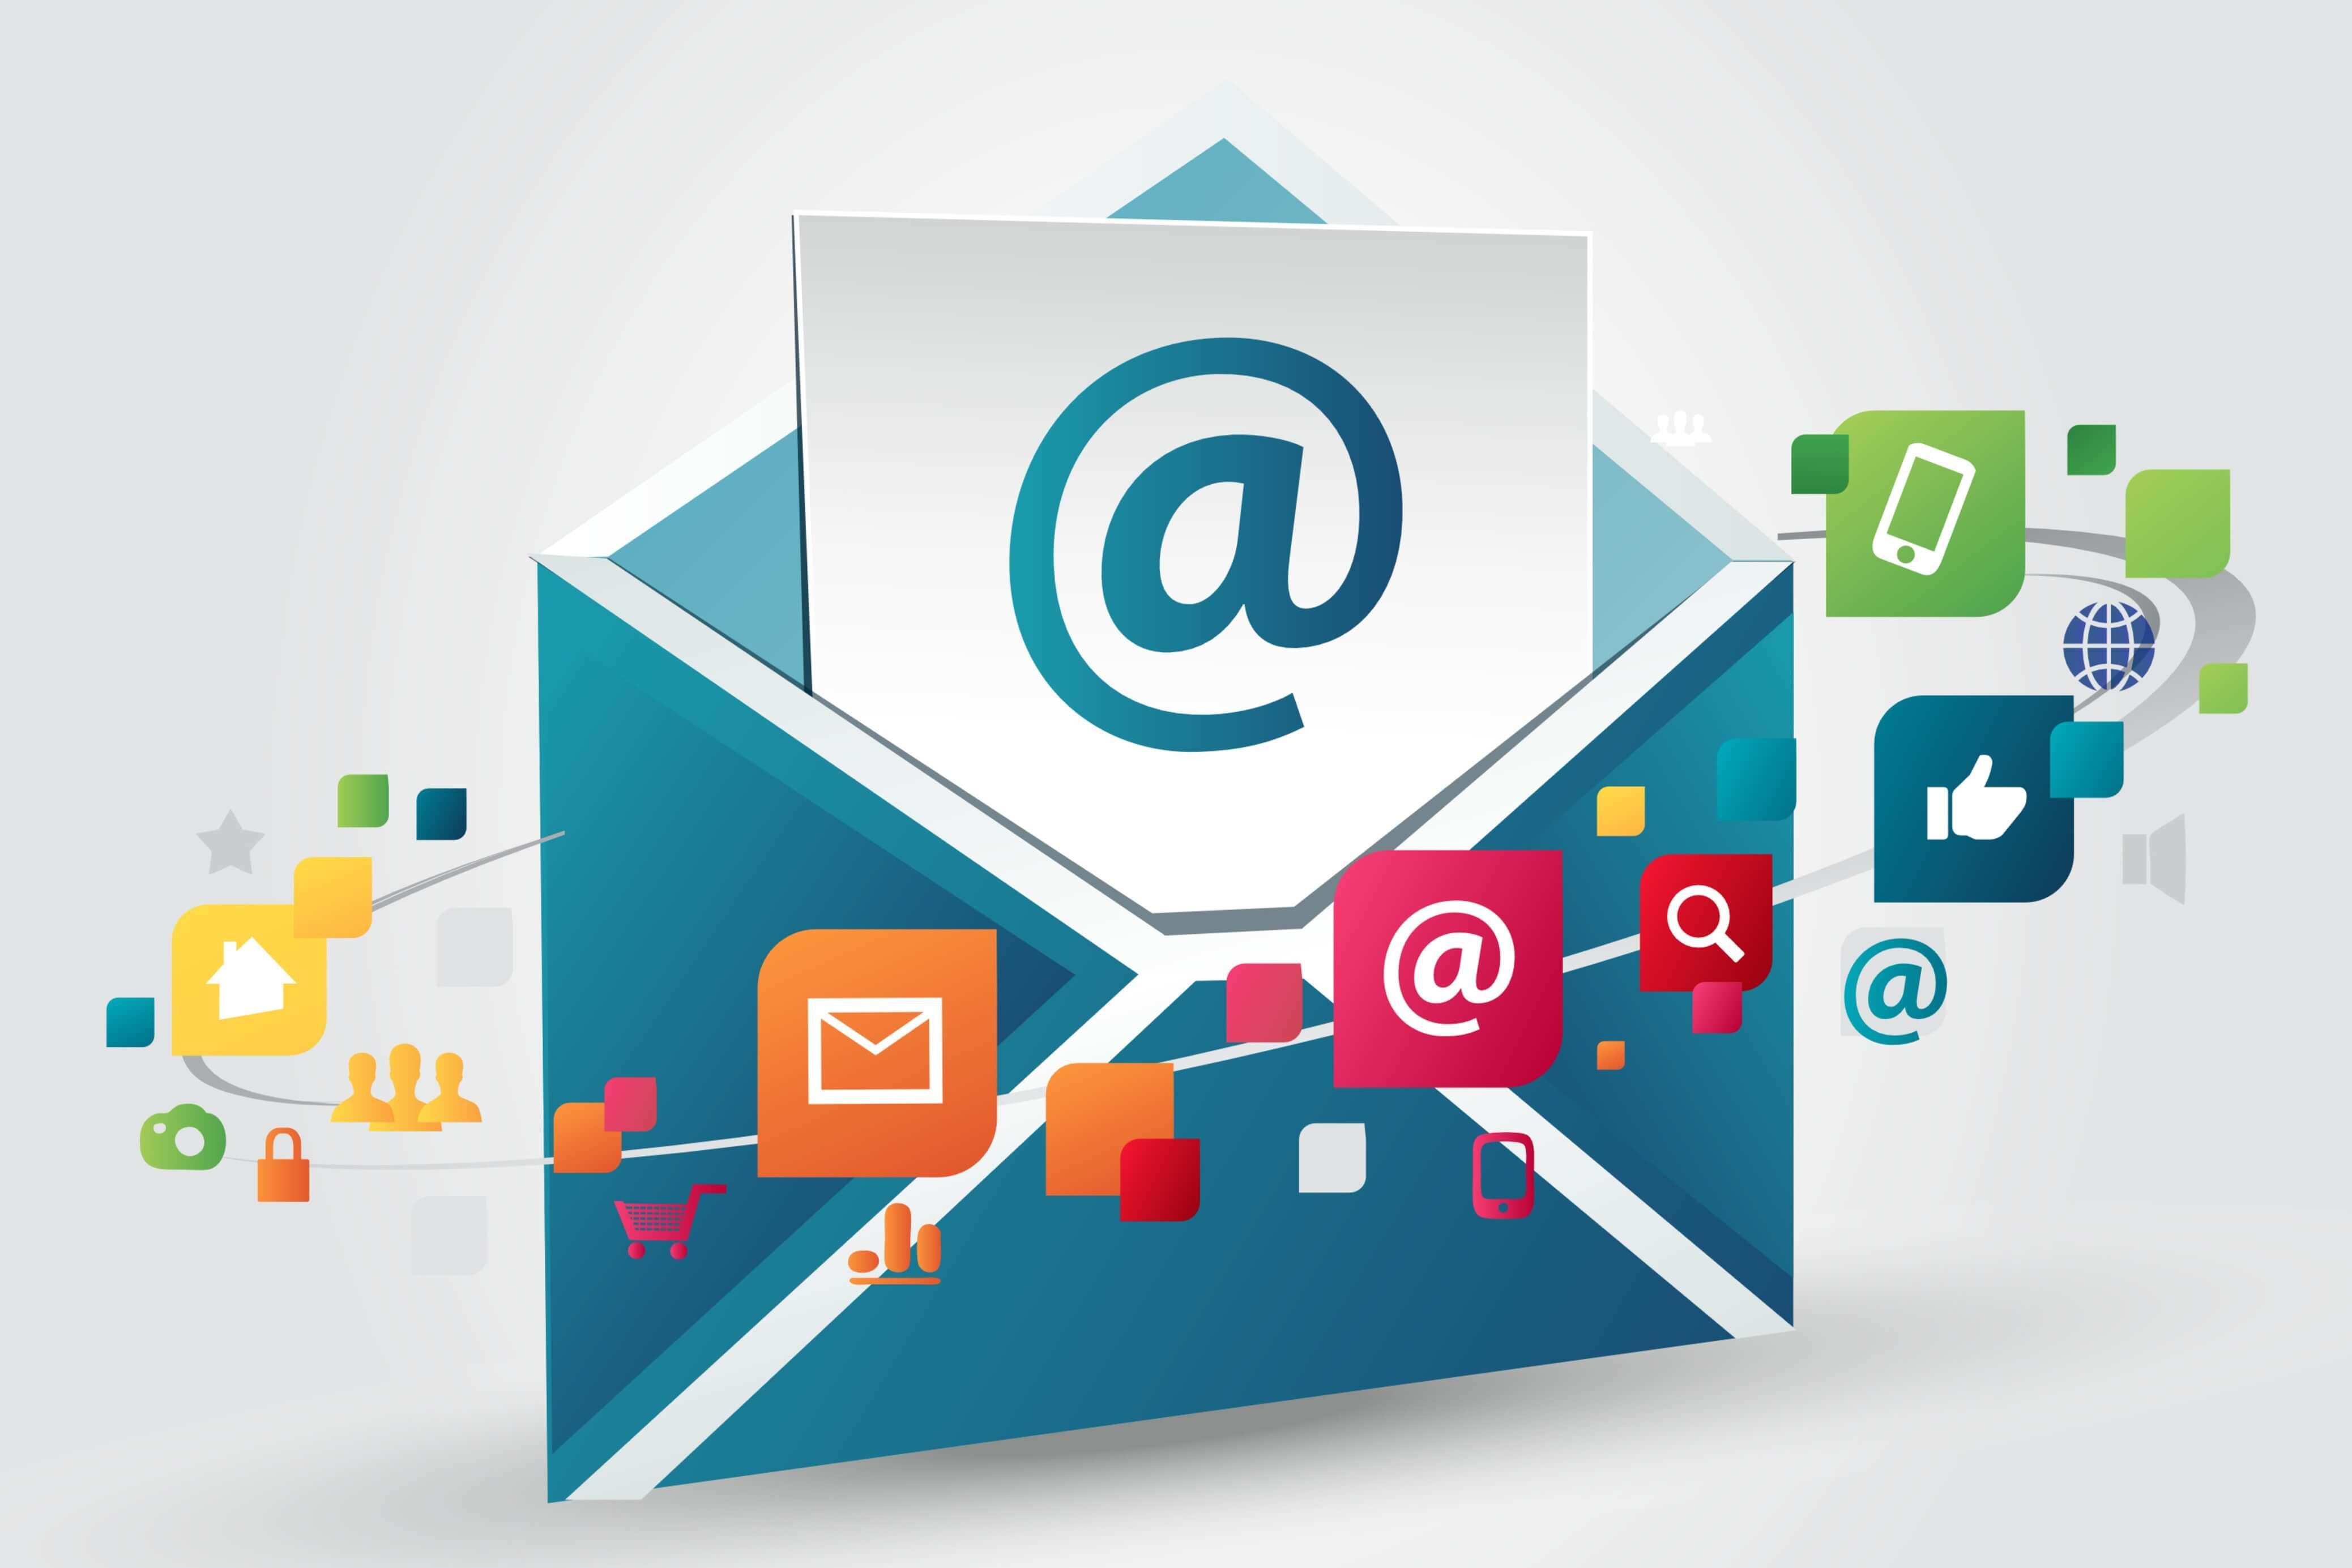 Емейл-маркетинг: триггеры для коммуникации с клиентом